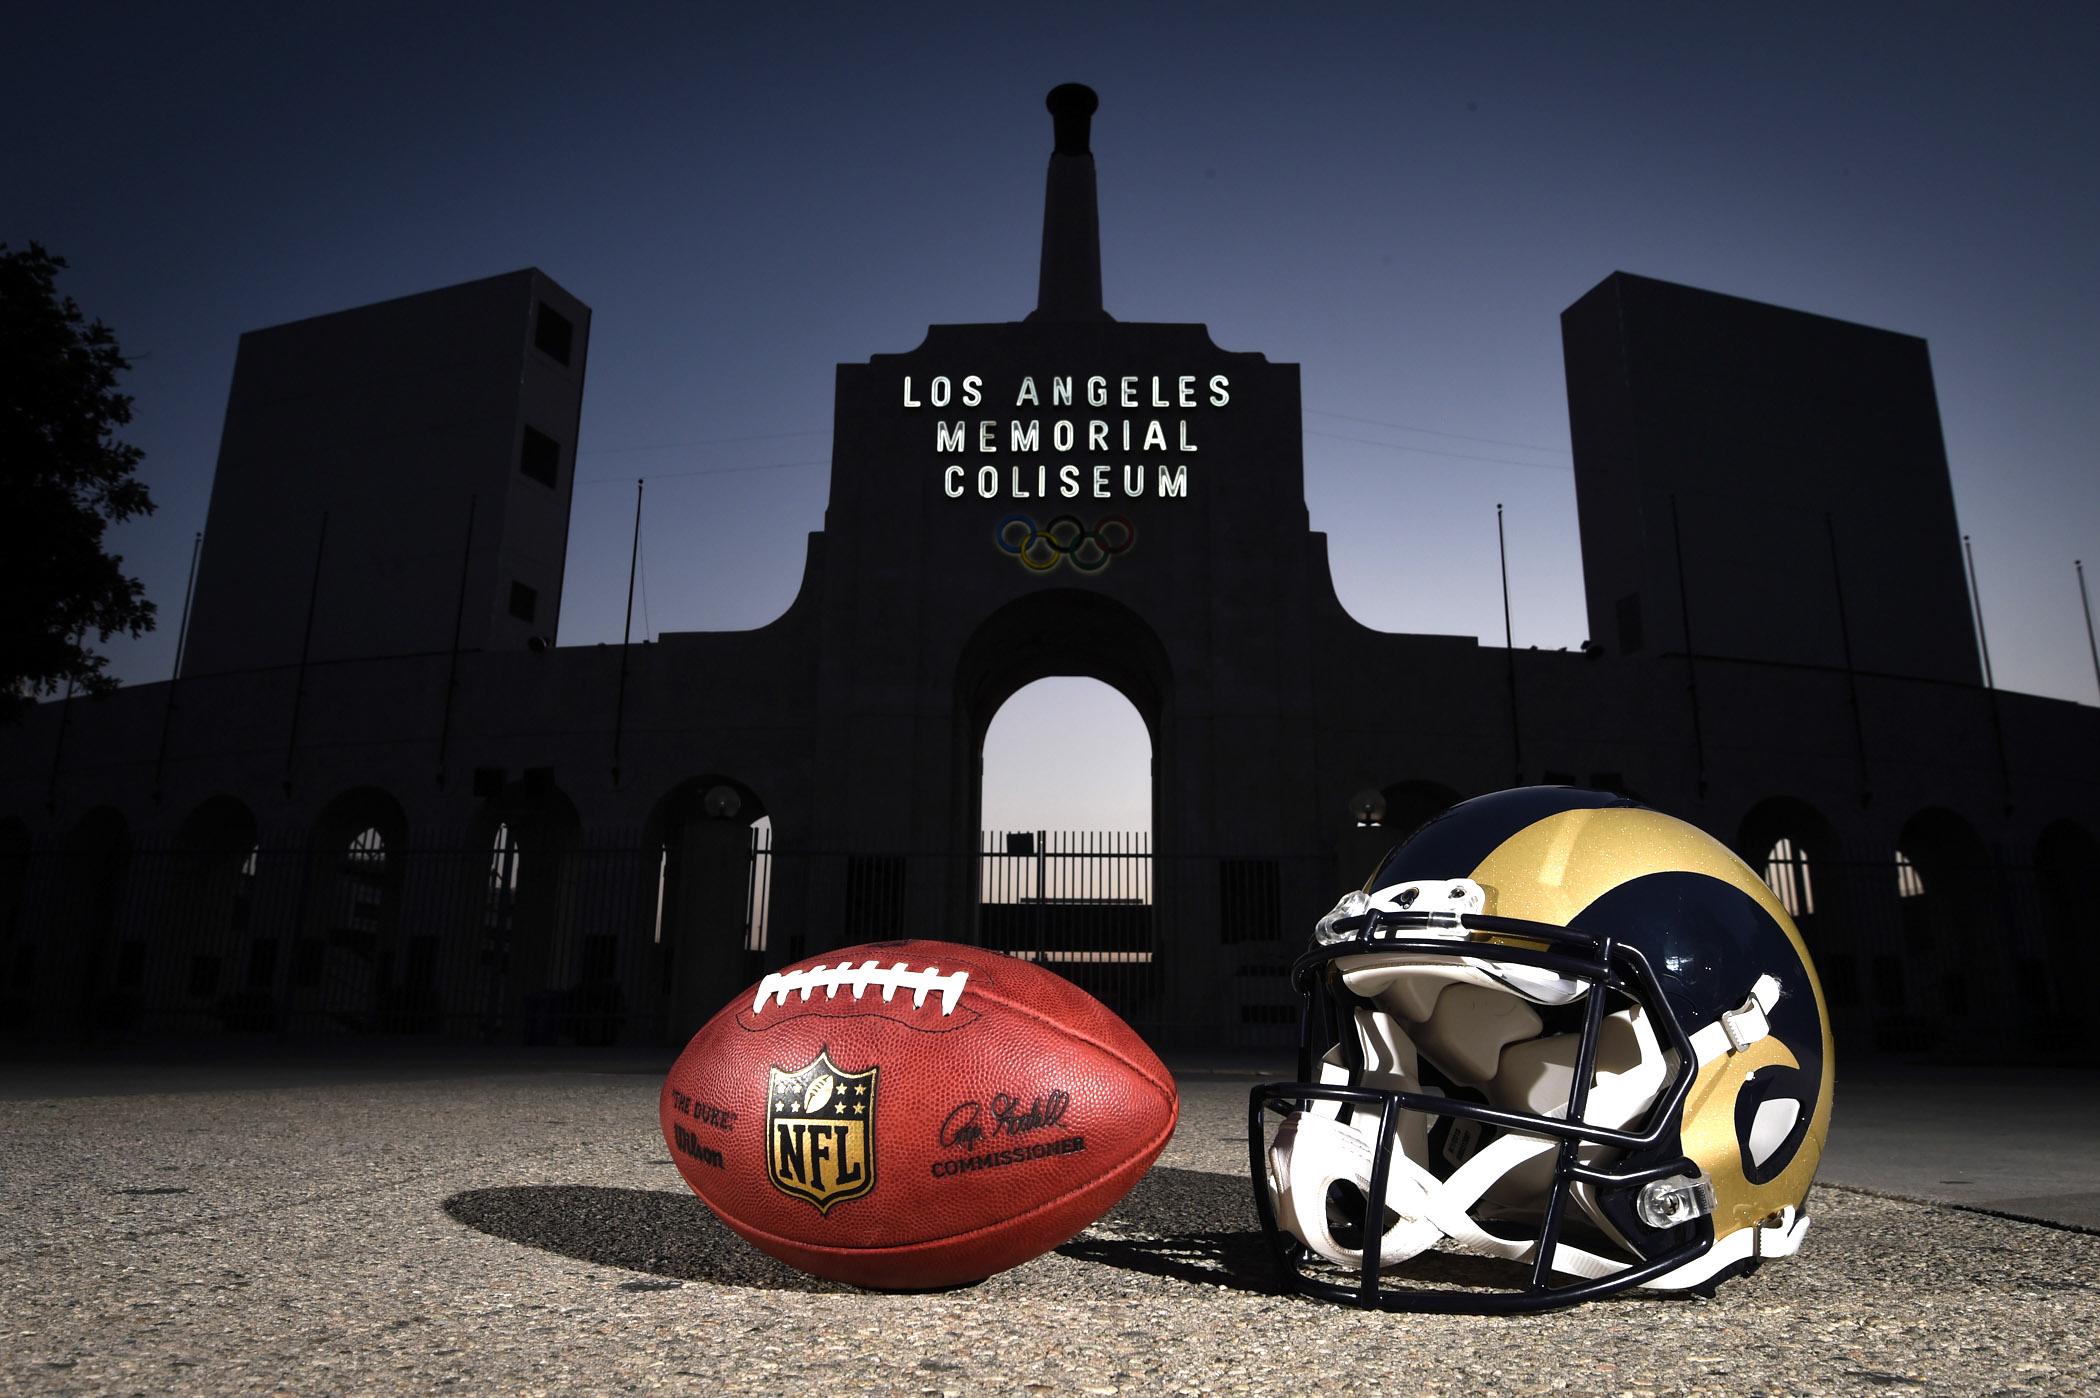 NFL: Los Angeles Coliseum Views